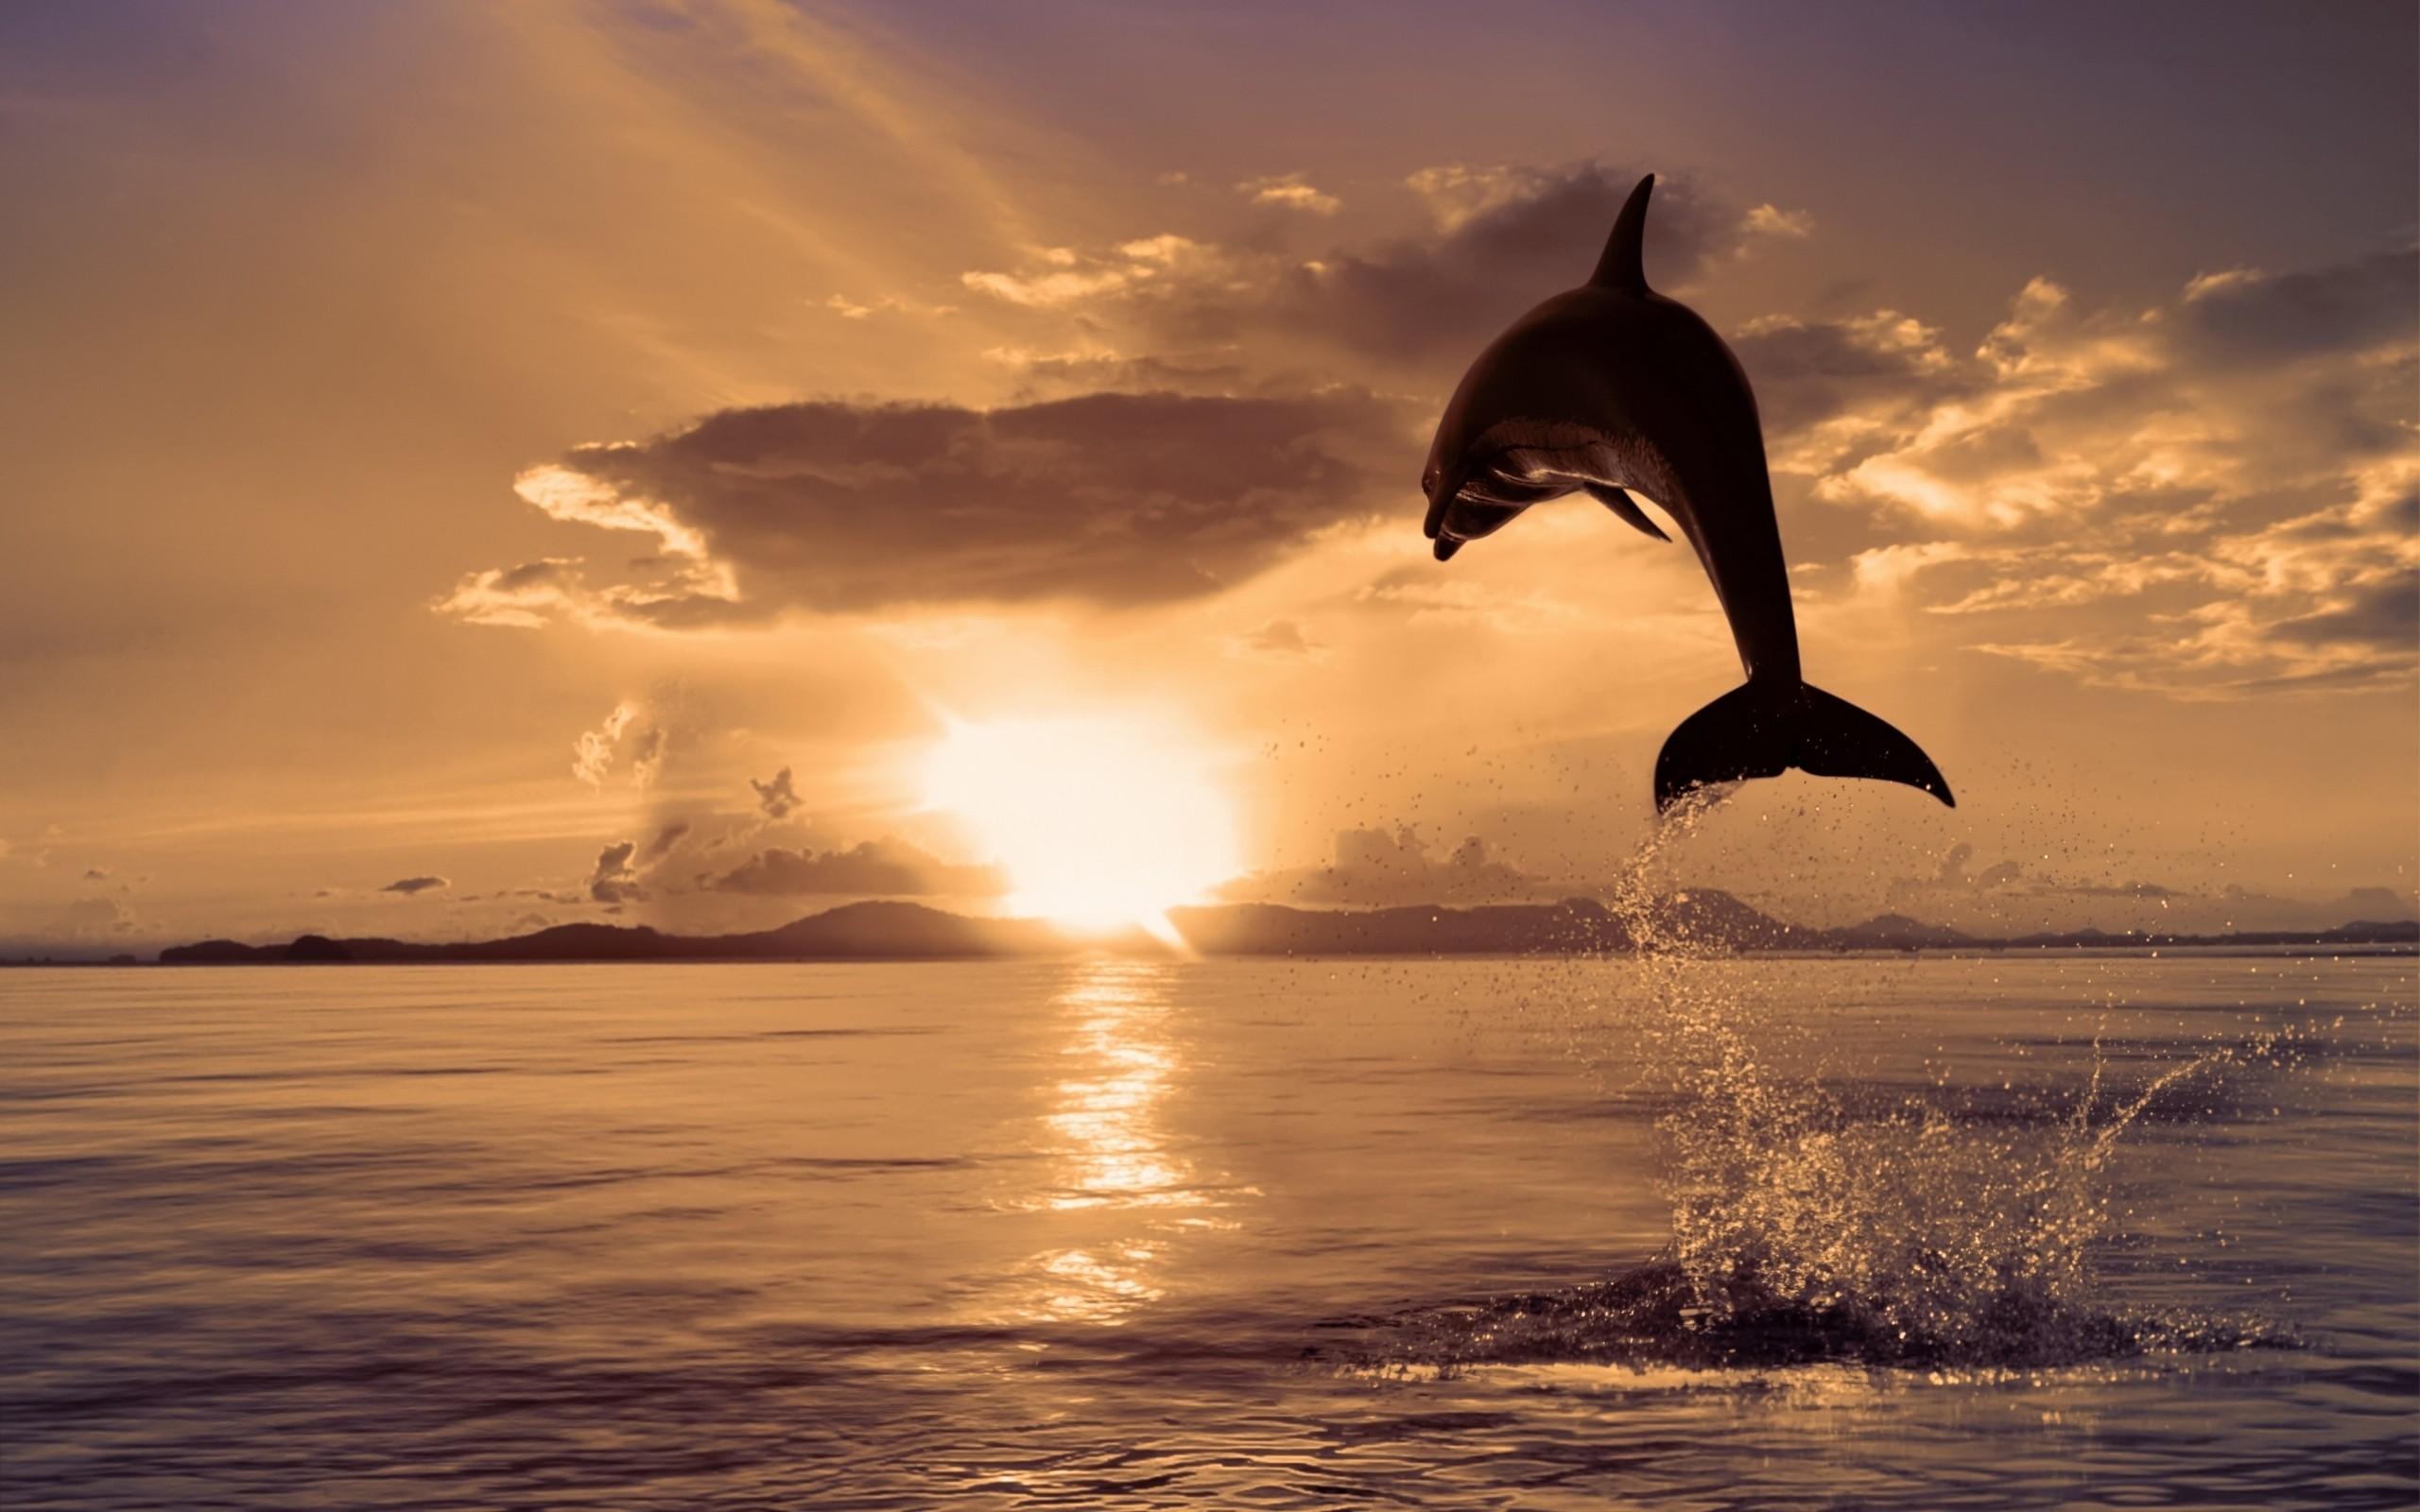 Salto de delfin - 2560x1600